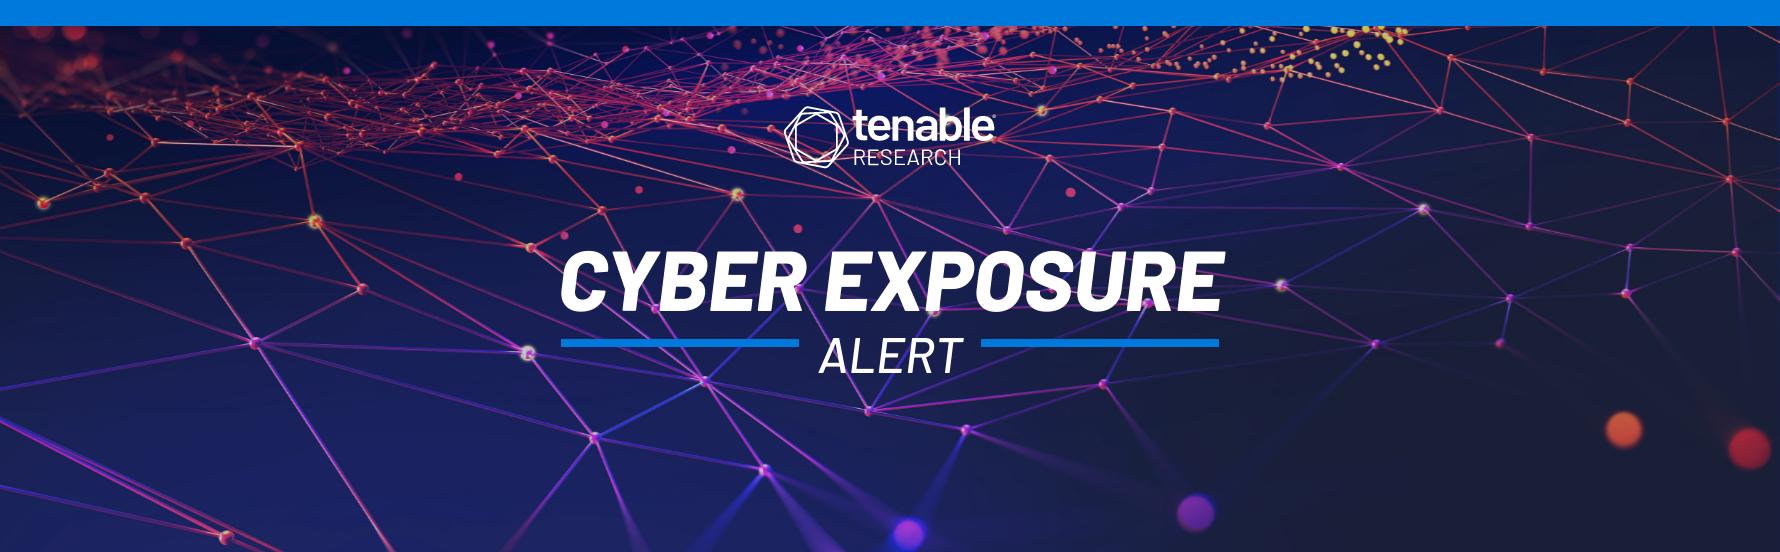 CVE-2018-13379, CVE-2019-5591, CVE-2020-12812: Fortinet Vulnerabilities Targeted by APT Actors